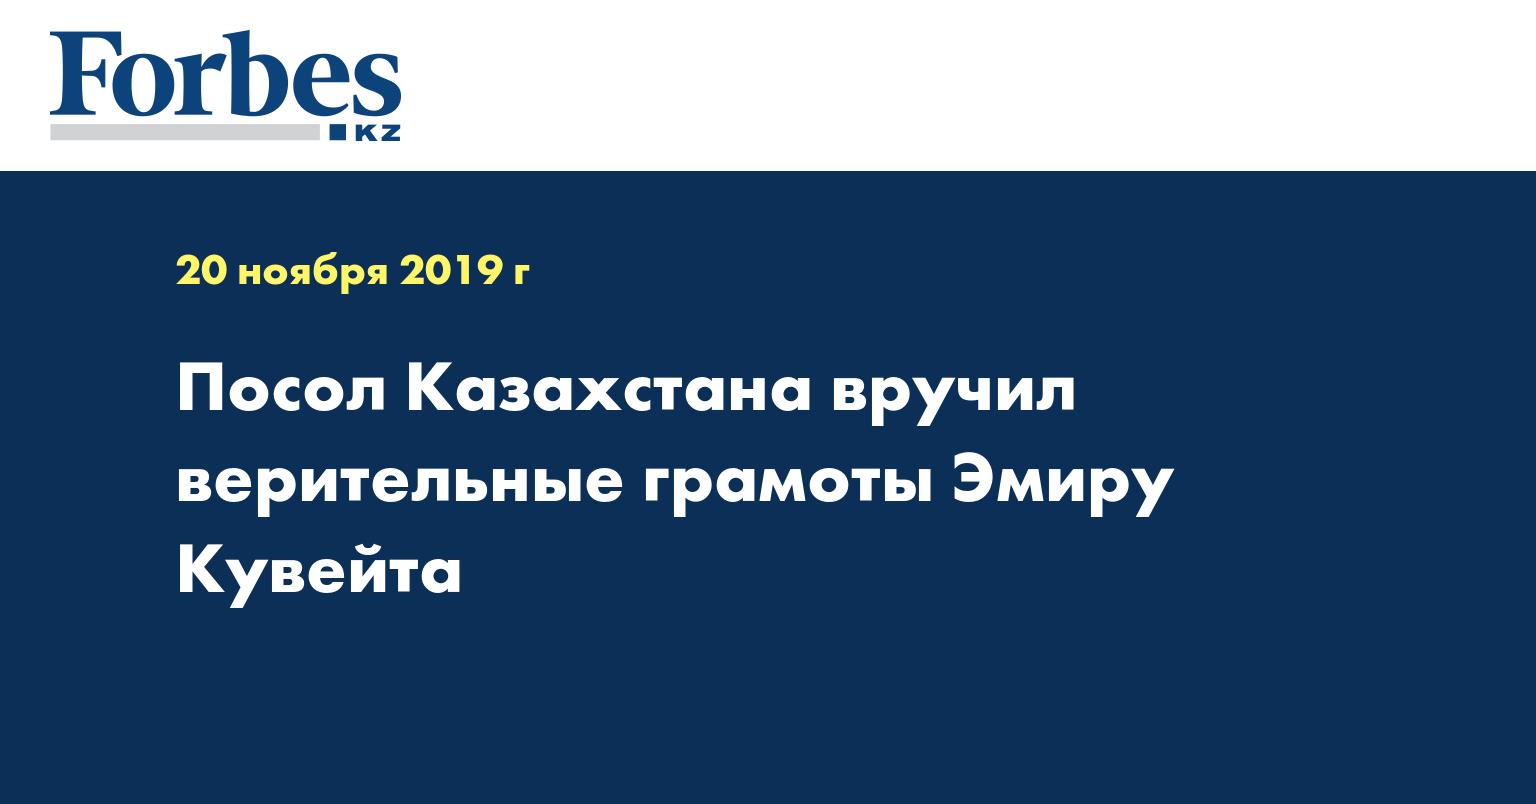 Посол Казахстана вручил верительные грамоты Эмиру Кувейта